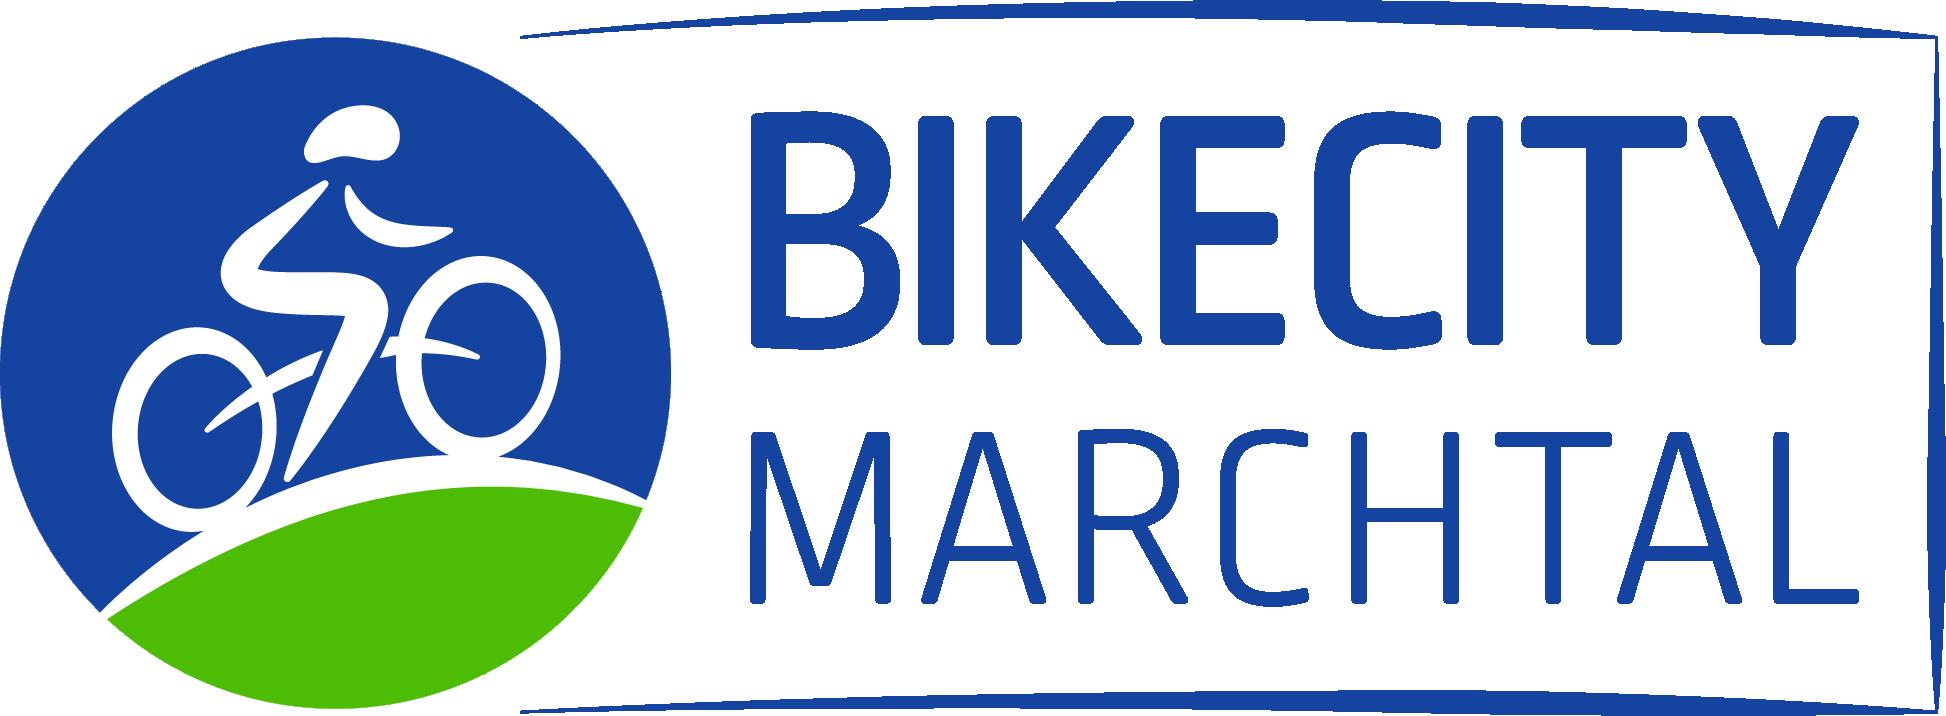 Bikecity Marchtal GmbH